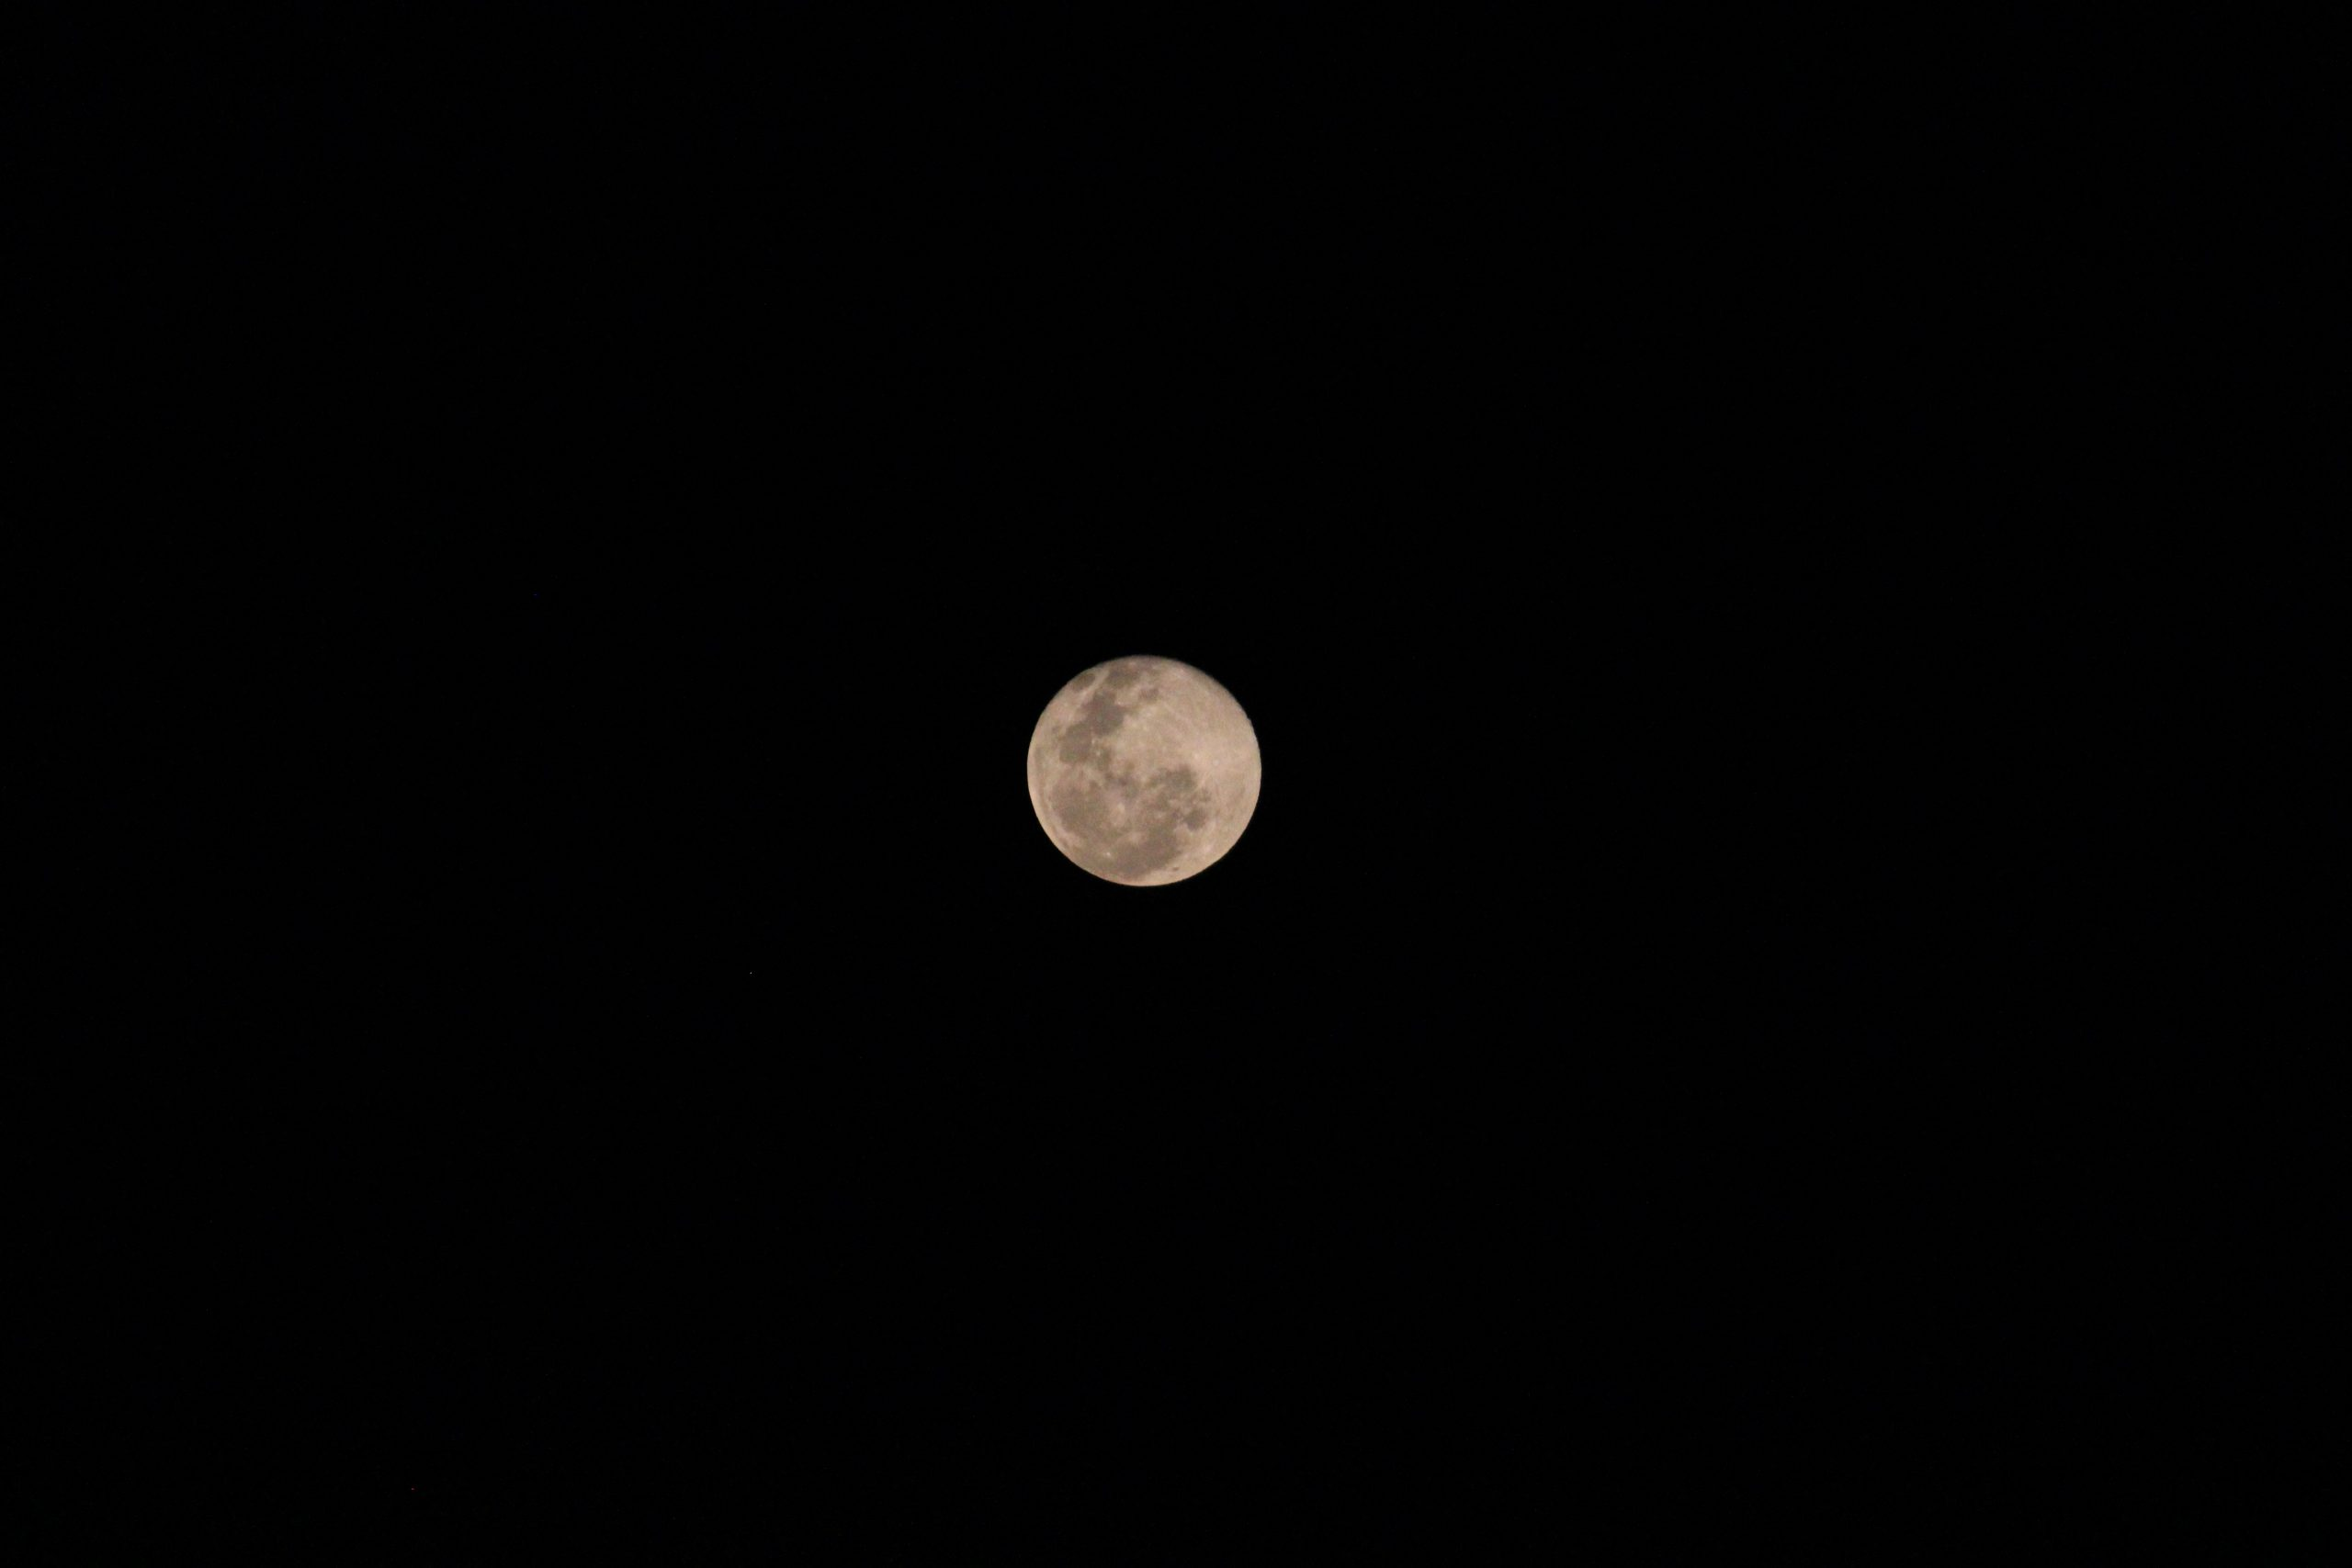 Beautiful moon in the night sky